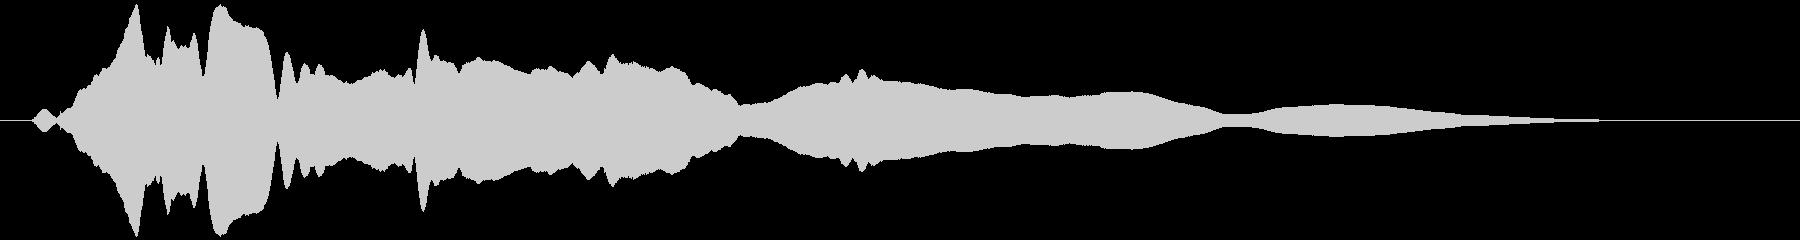 うねる風 オノマトペ(下降)ヒヨヒヨ…の未再生の波形